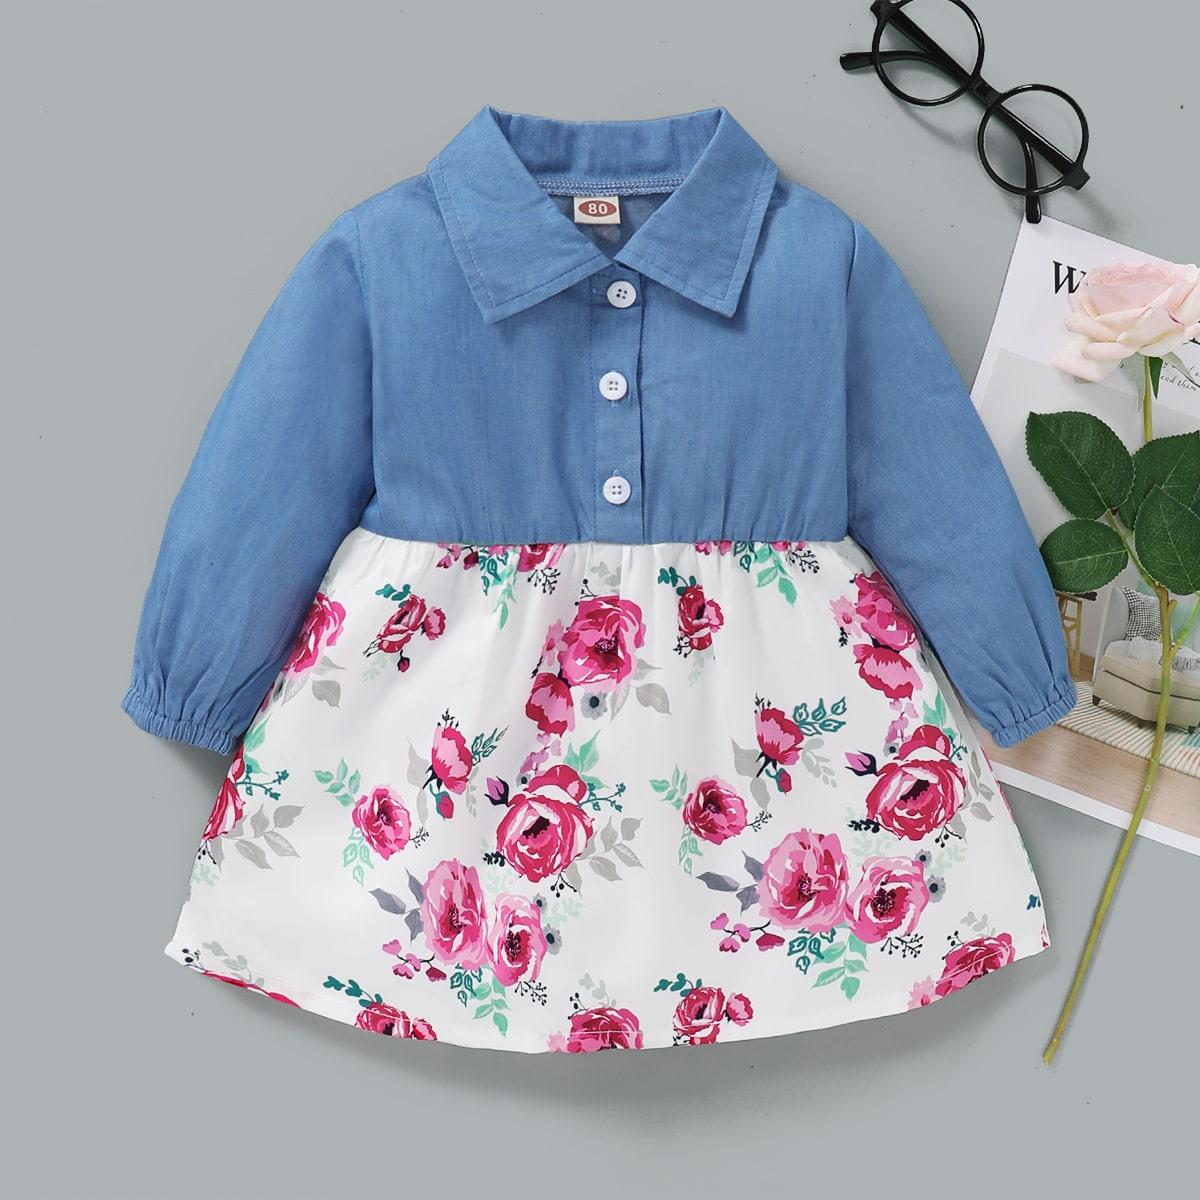 shein Casual Bloemen Baby-jurk Voorpand met Knoopjes